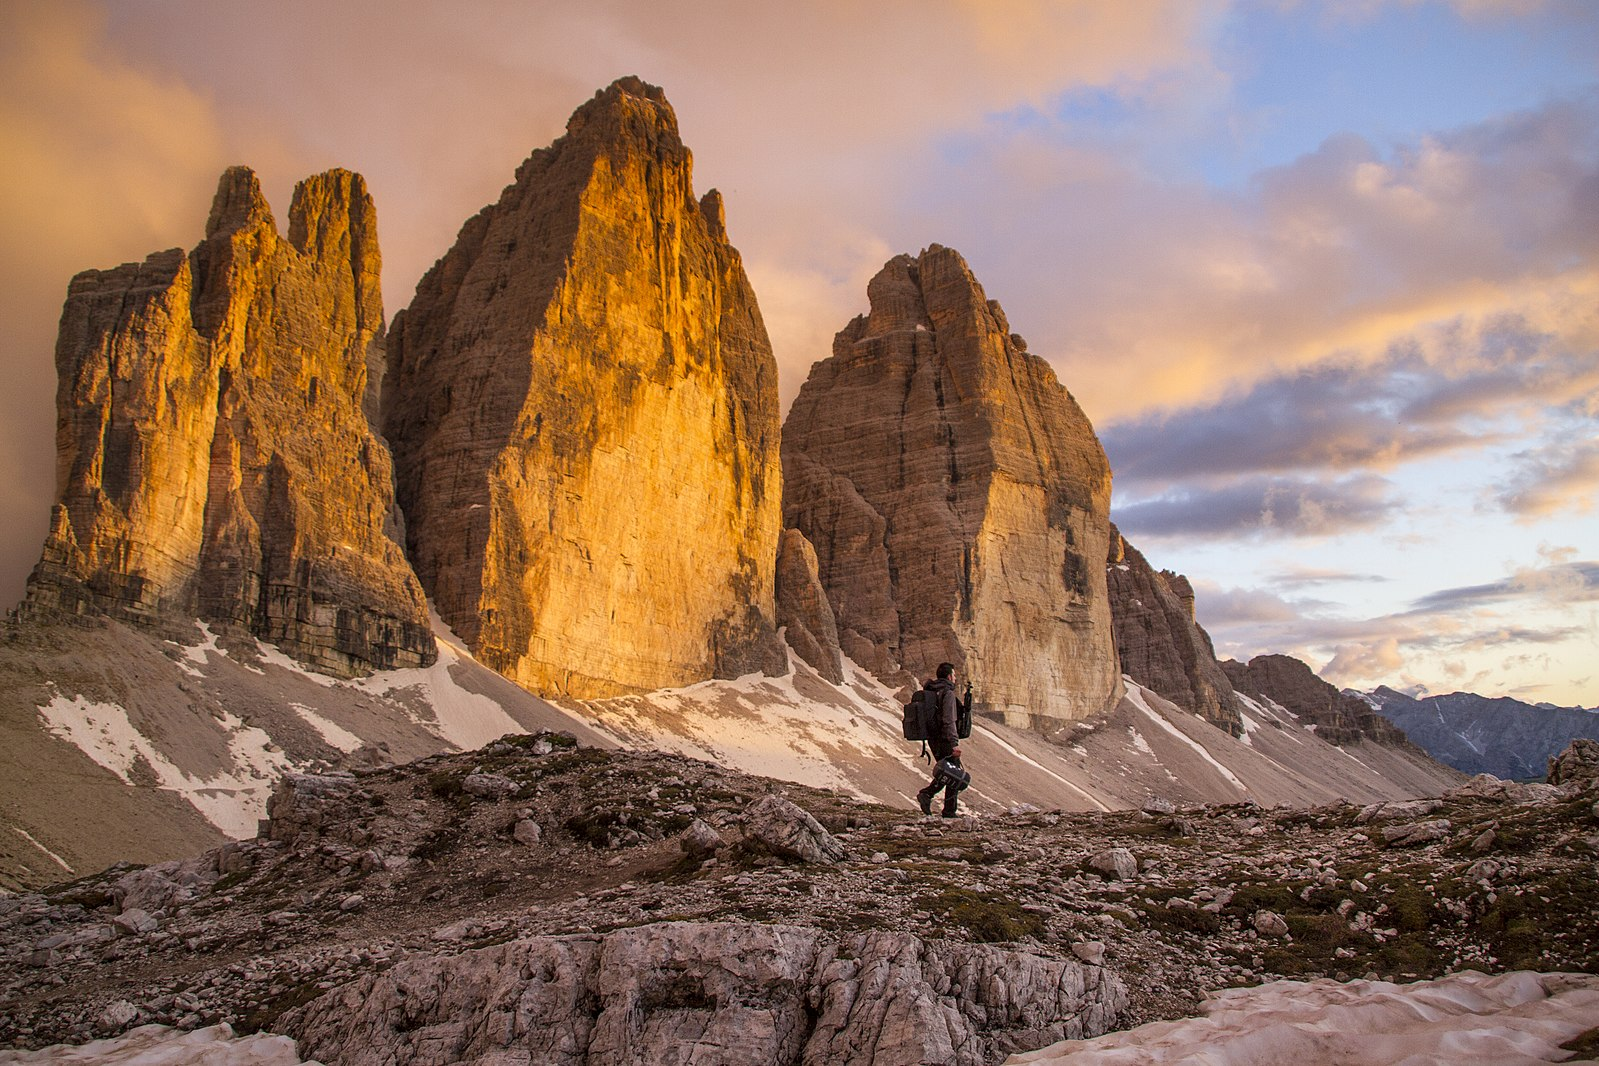 【義大利】健行在阿爾卑斯的絕美秘境:多洛米提山脈 (The Dolomites) 行程規劃全攻略 1